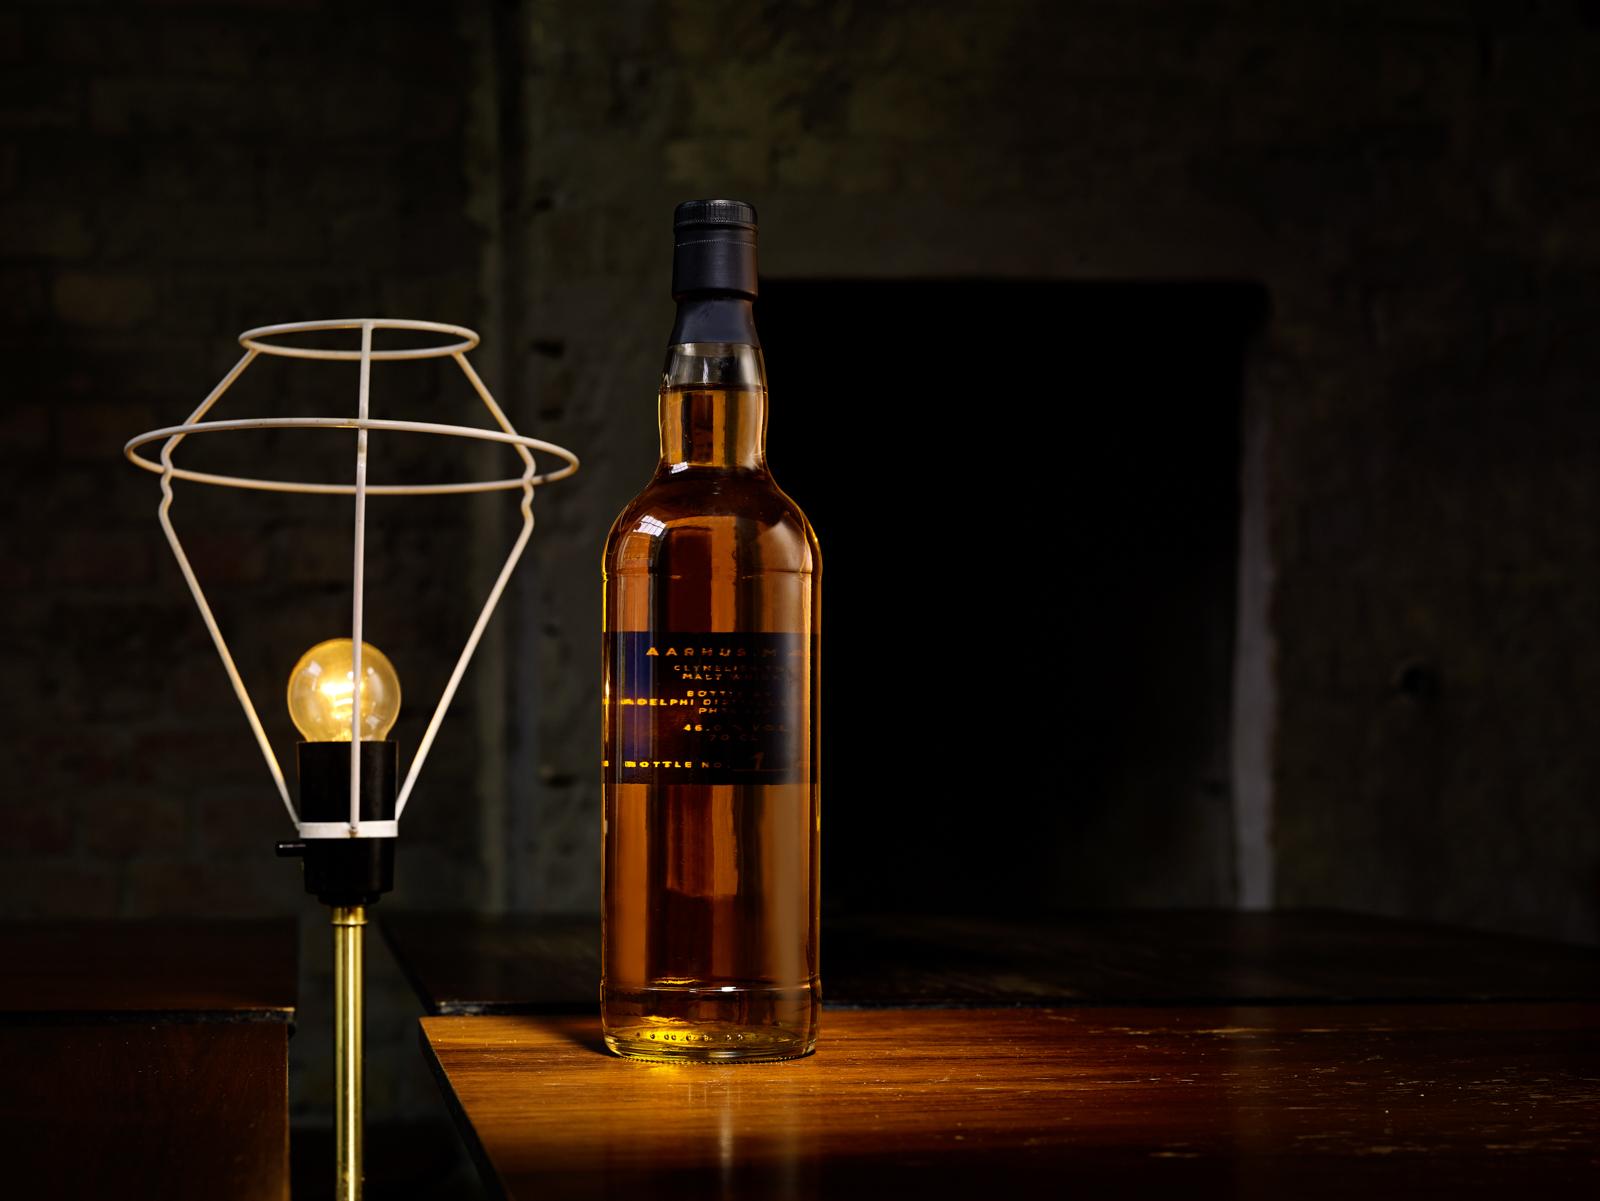 whisky aarhus malt_002.jpg